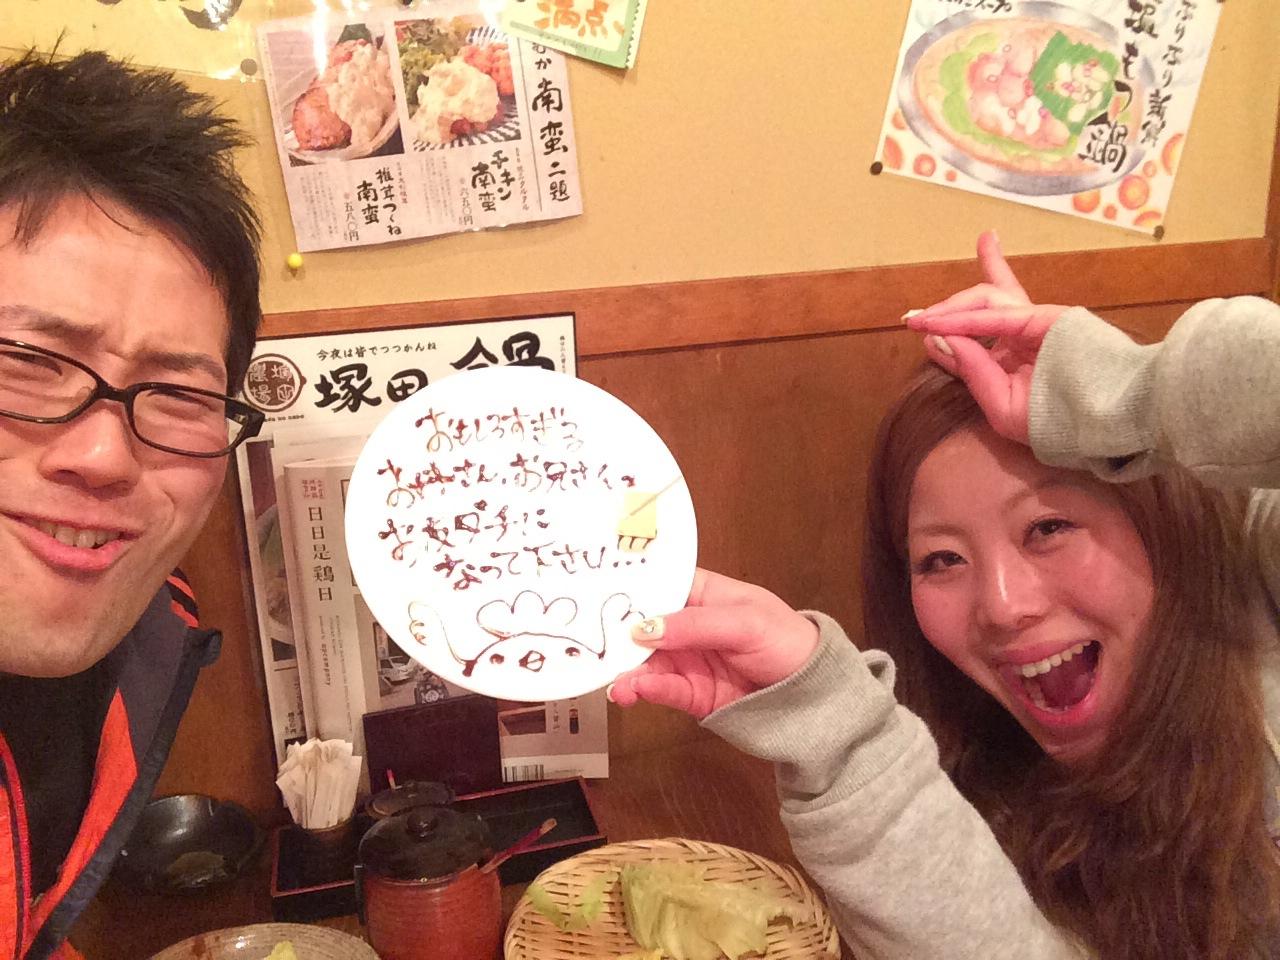 塚田農場!宮崎料理おいしかったですヽ(^o^)丿